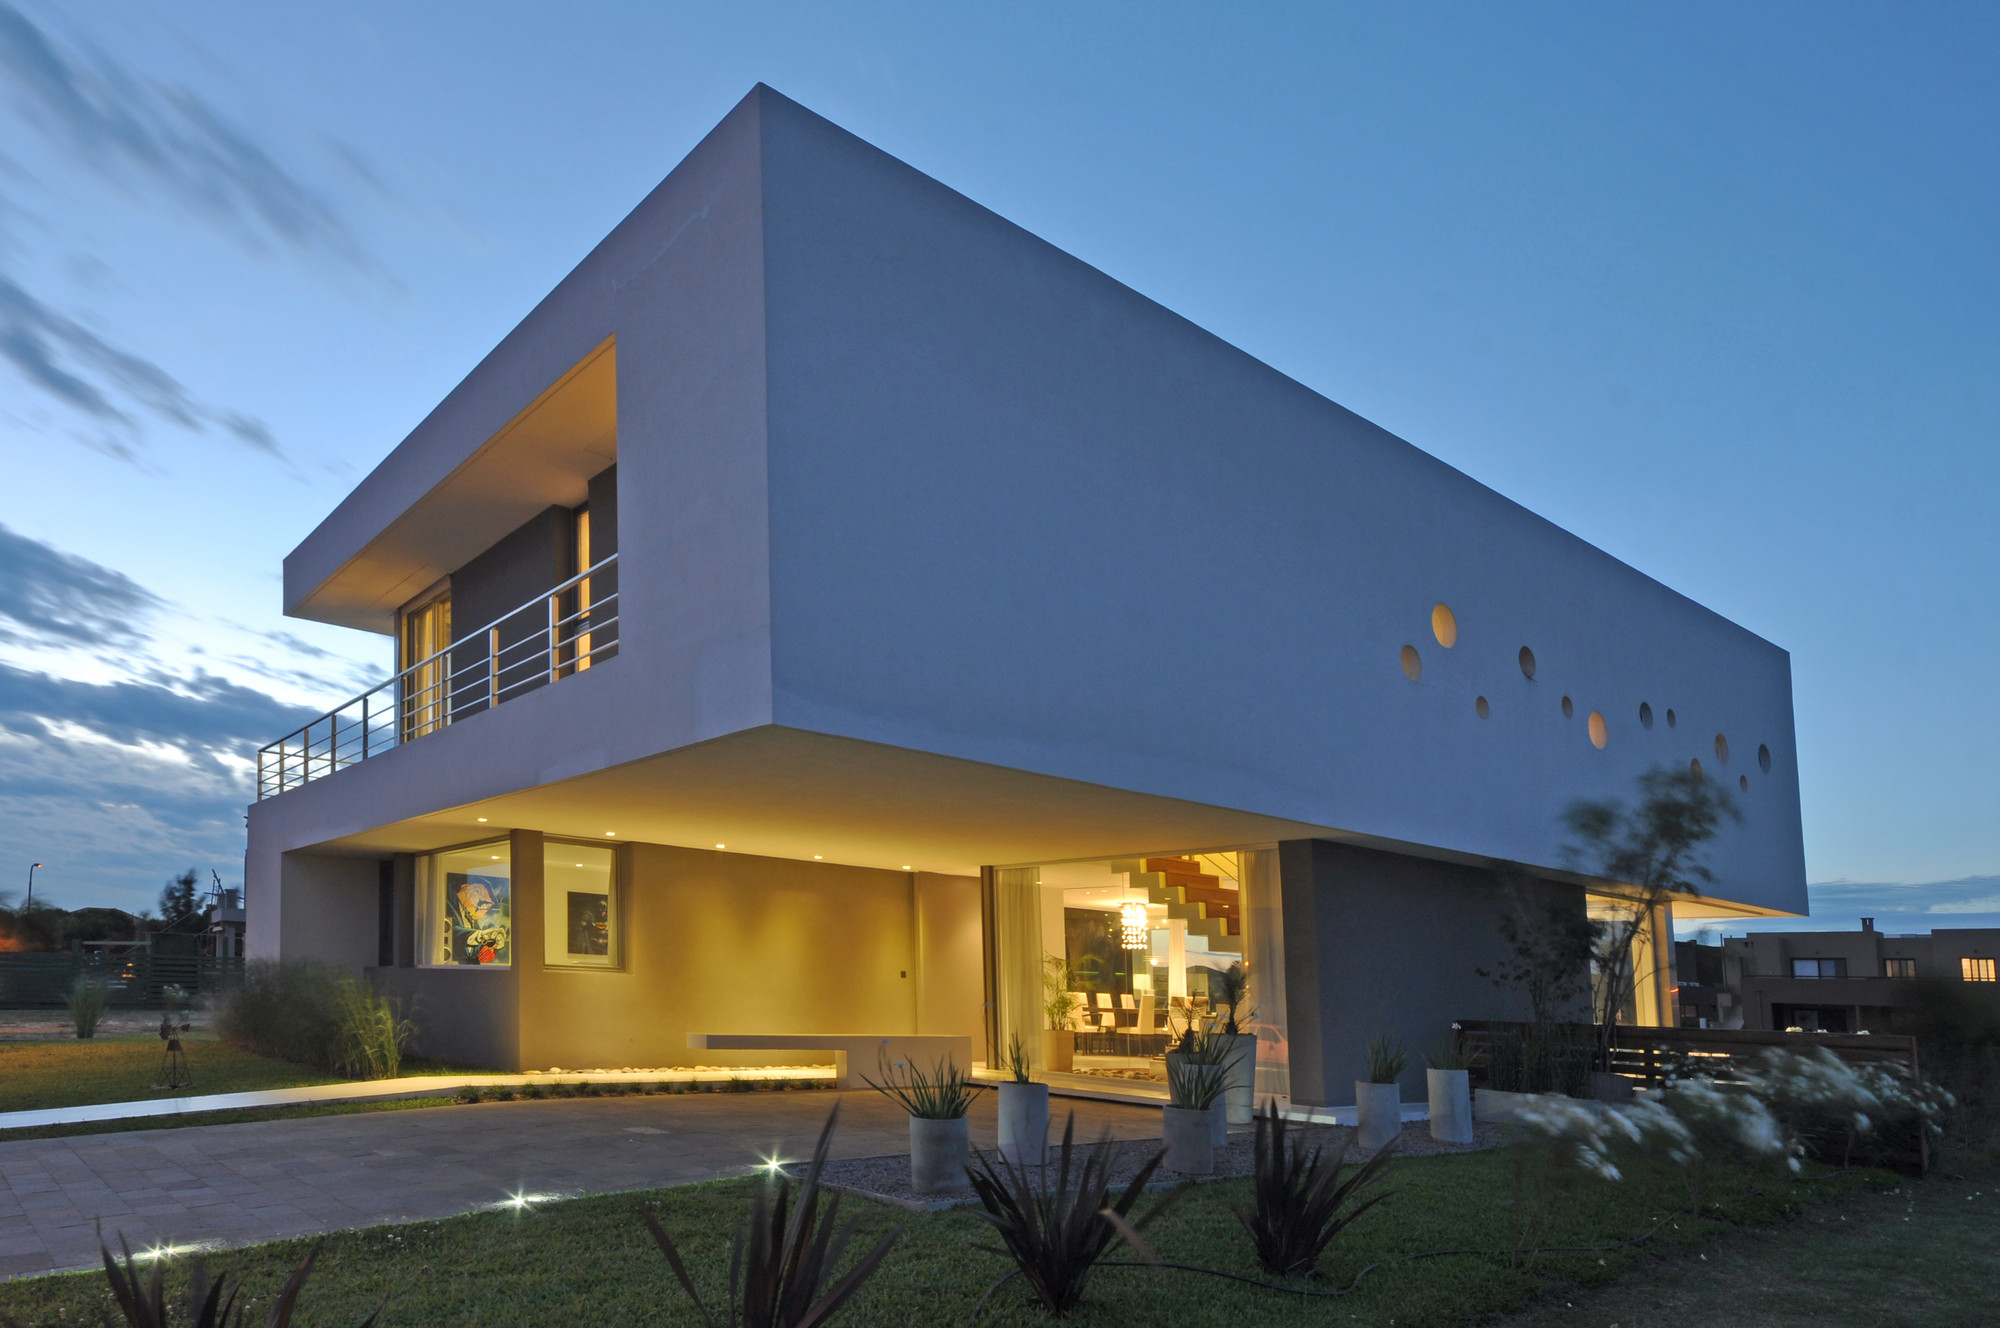 Cabo House / Vanguarda Architects, Courtesy of Vanguarda Architects